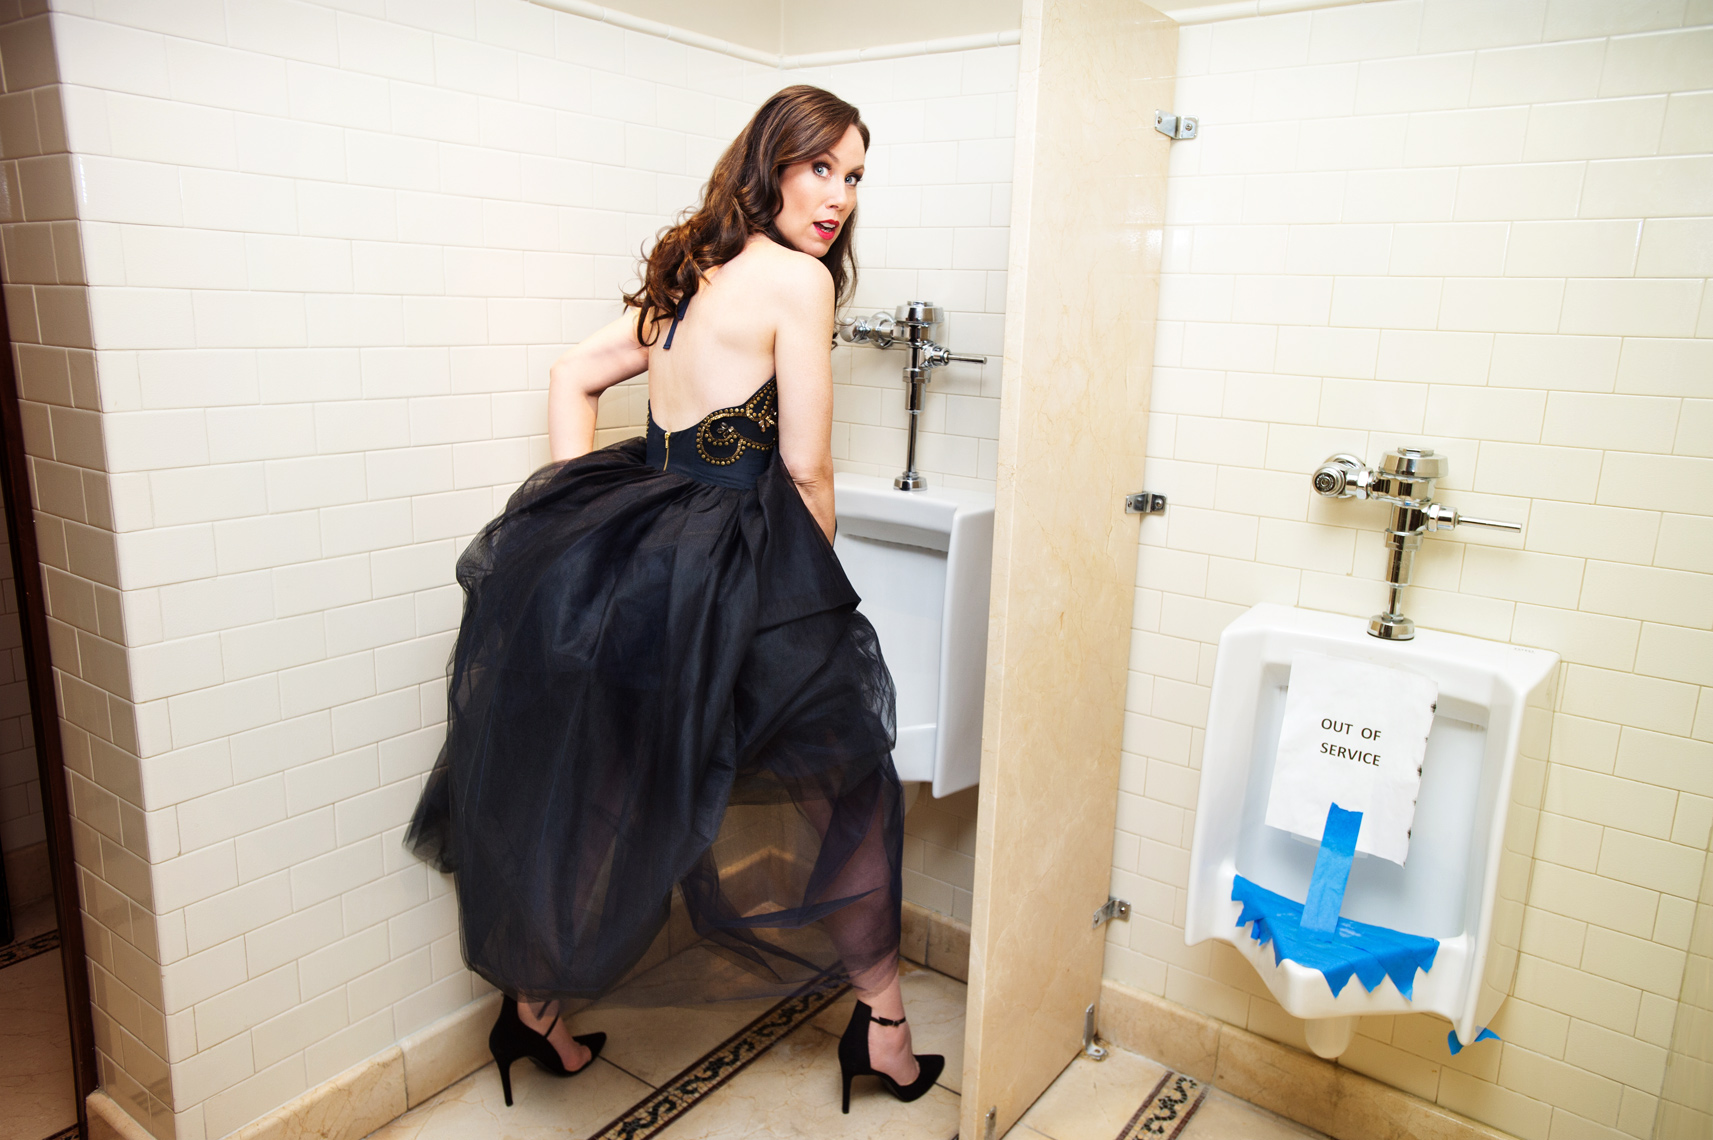 Miriam Shor, Urinal